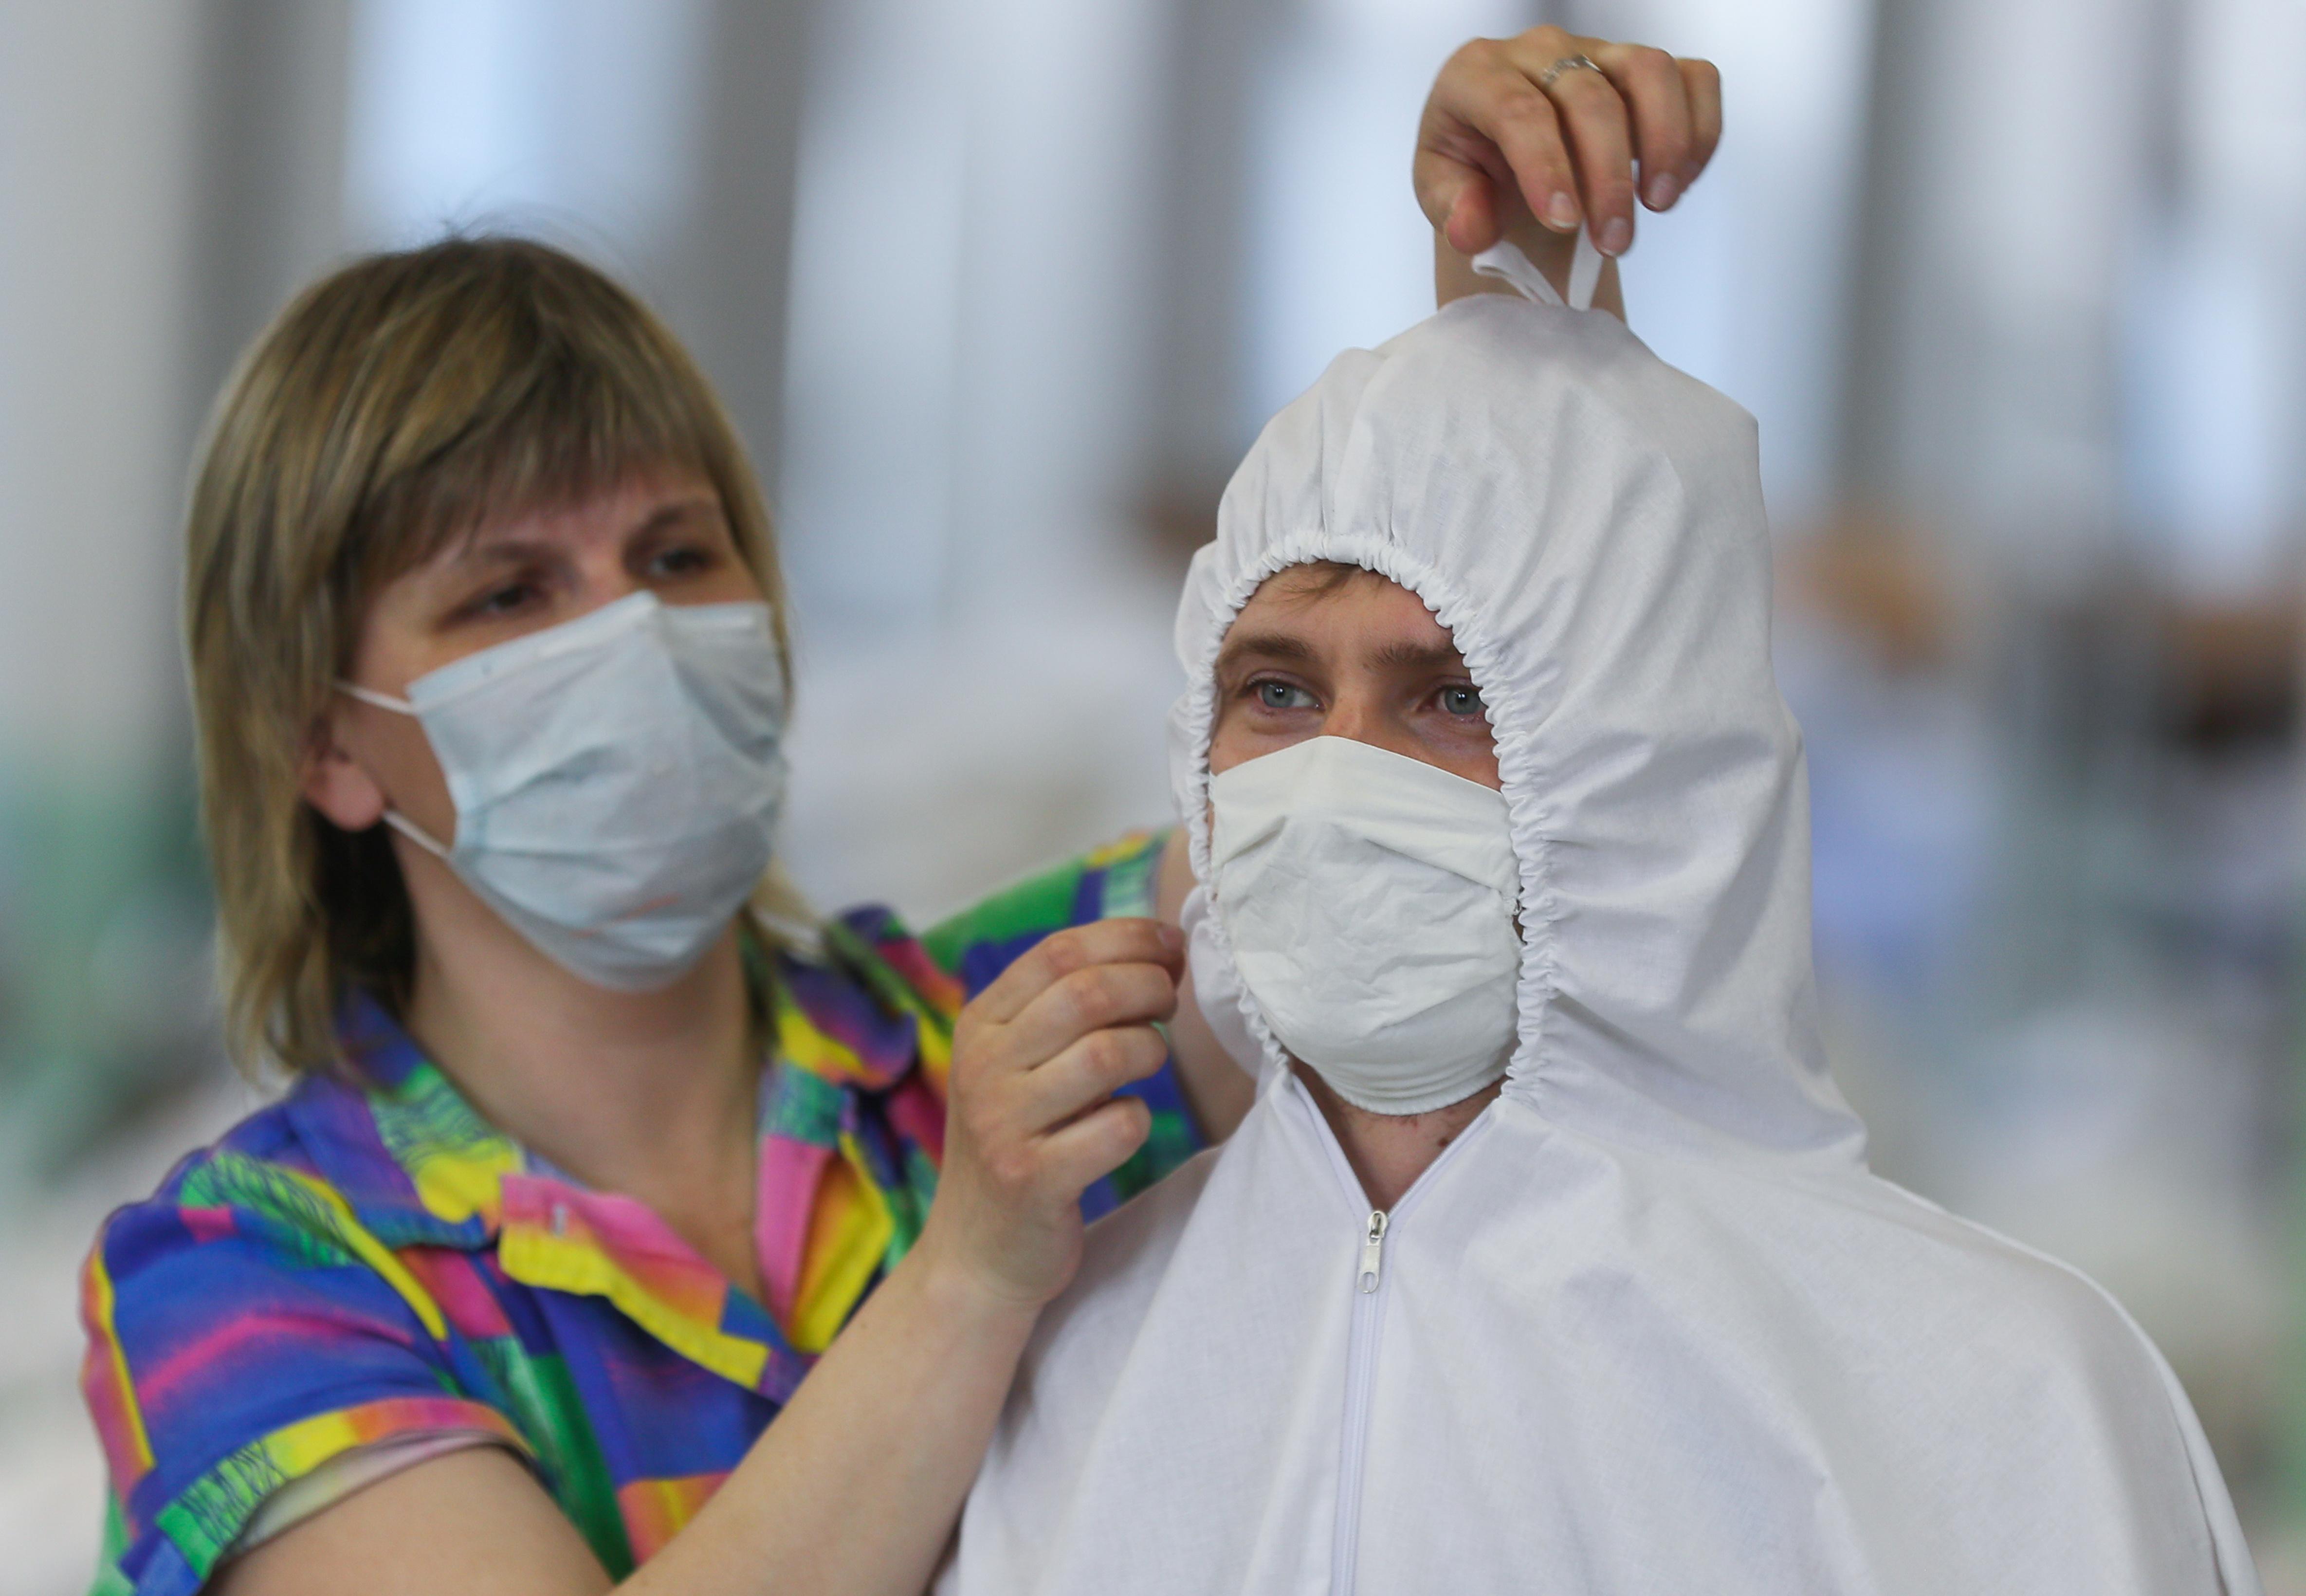 Маски и защитные костюмы — главный тренд этой весны Фото ©ТАСС / Владимир Смирнов